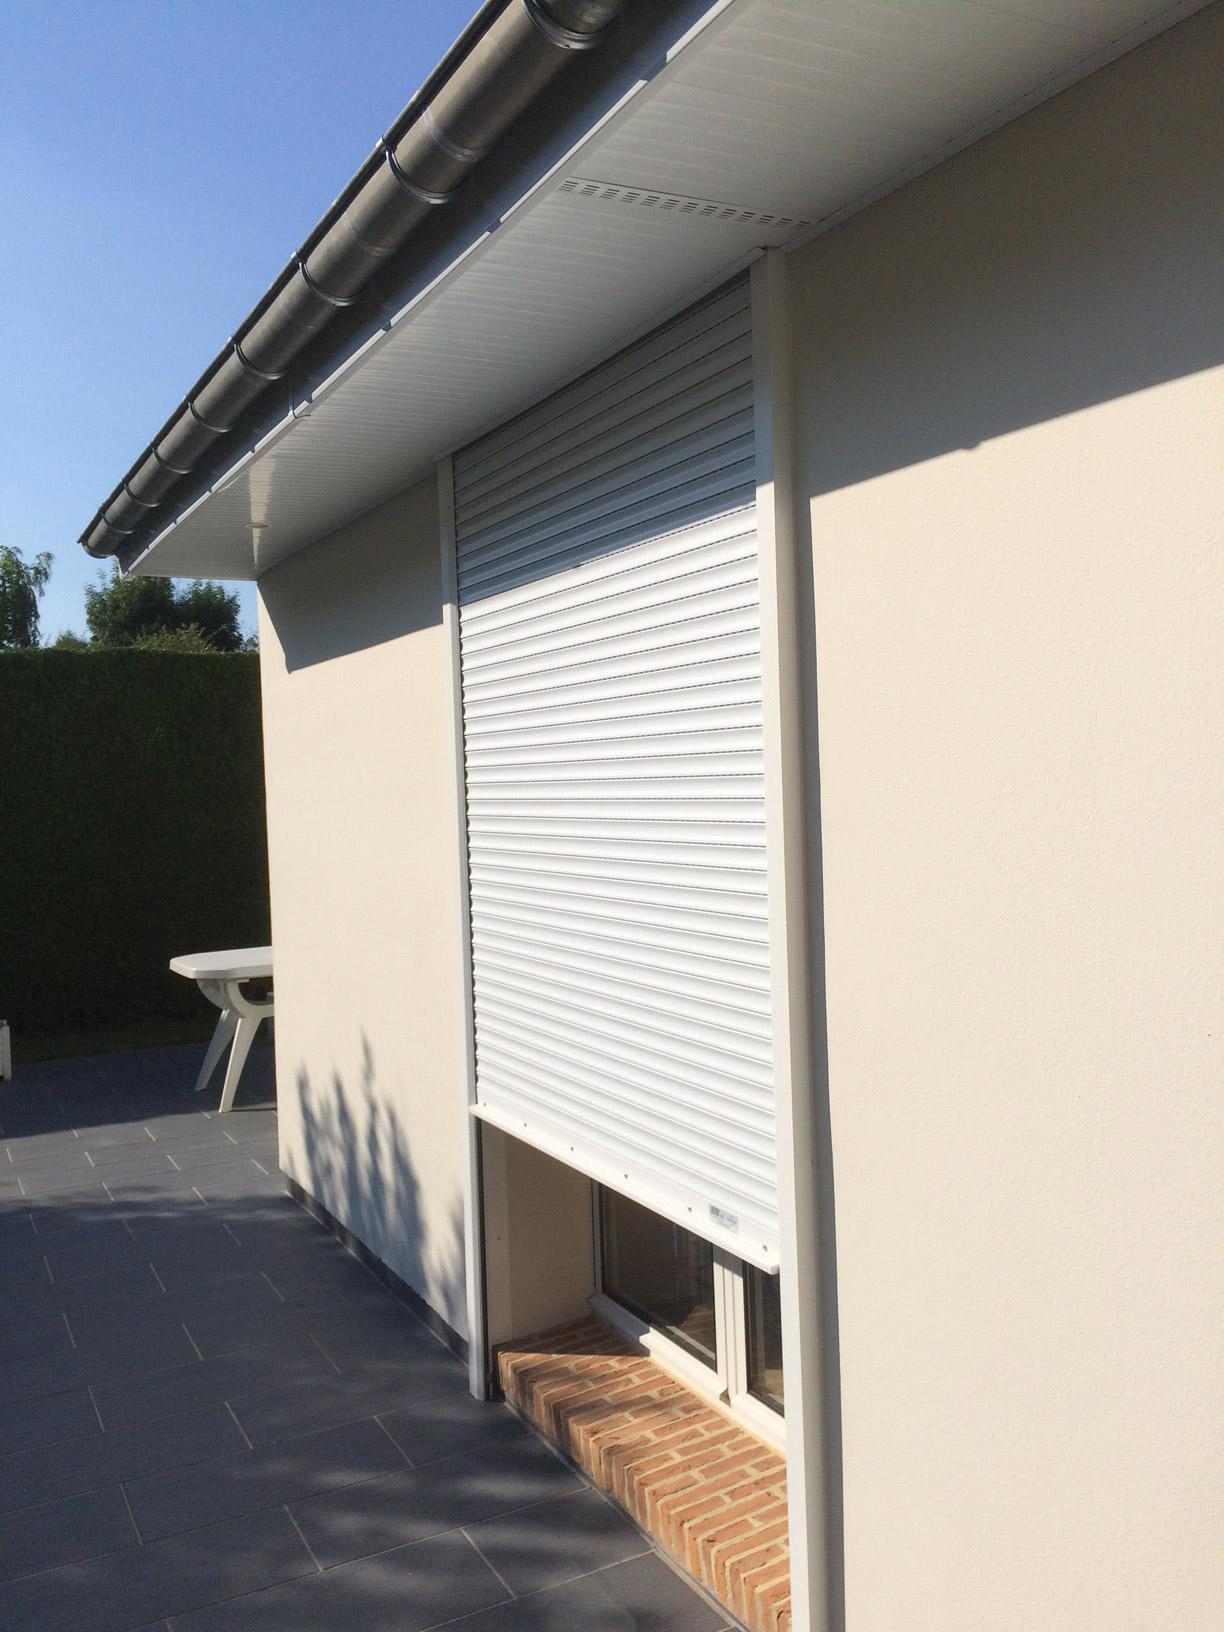 Rénovation de caches moineaux PVC  à Bonsecours près de Rouen (Normandie)